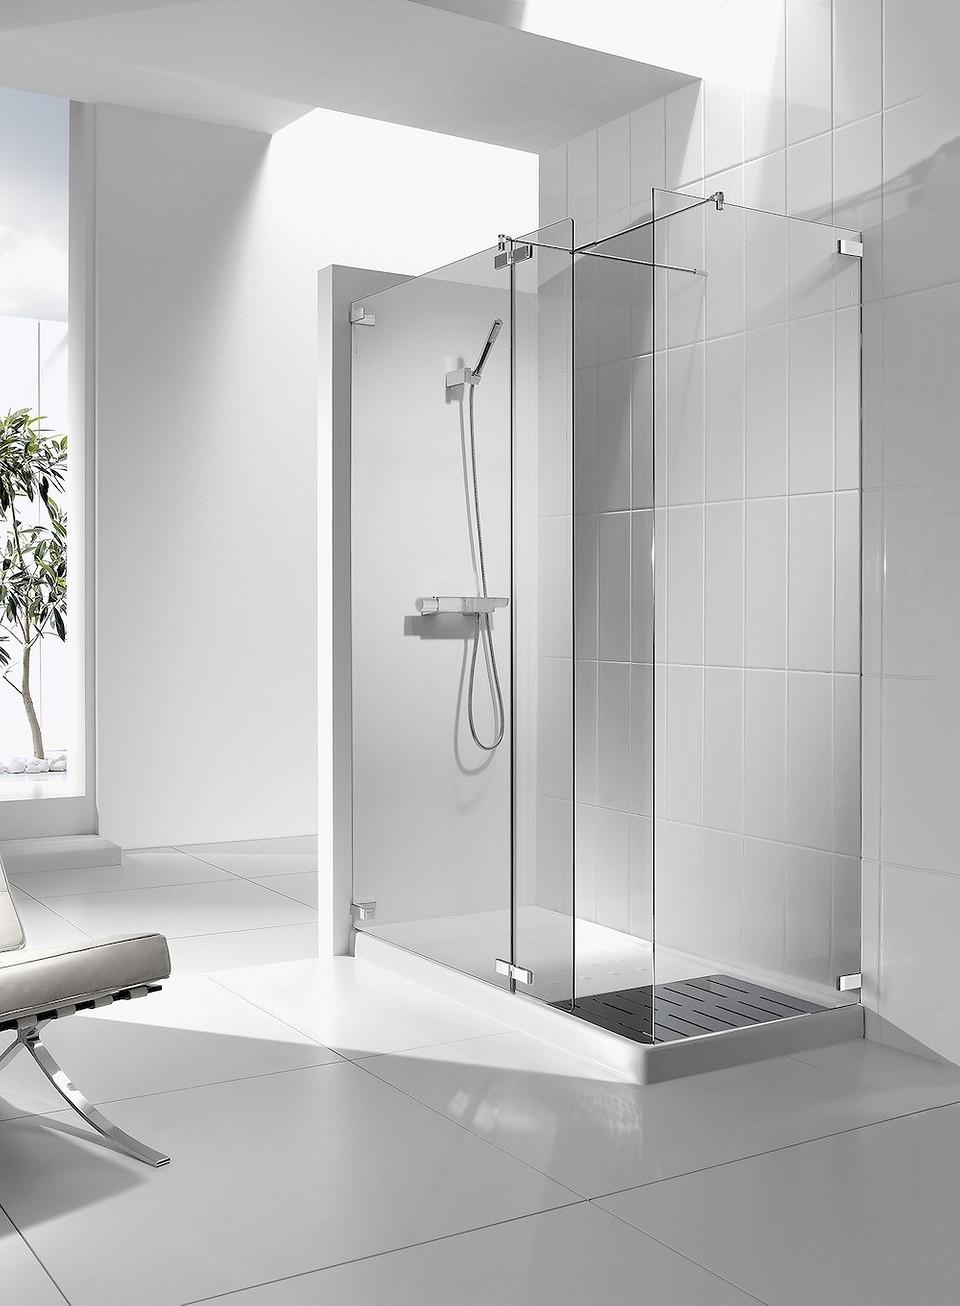 Как сделать пол в ванной: все шаги от гидроизоляции до утепления